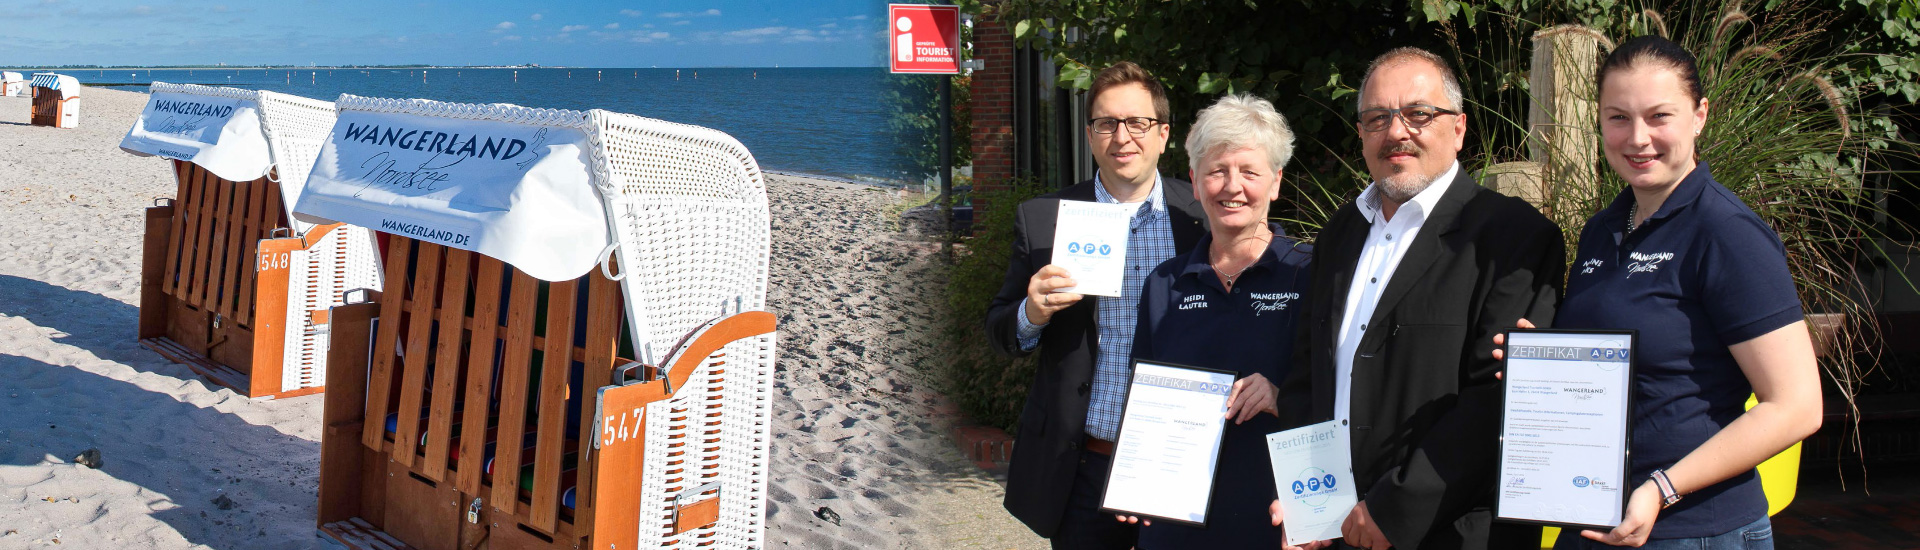 Zertifikatsübergabe nach erfolgreich durchgeführter DIN EN ISO 9001:2015 Zertifizierung bei der Wangerland Touristik GmbH